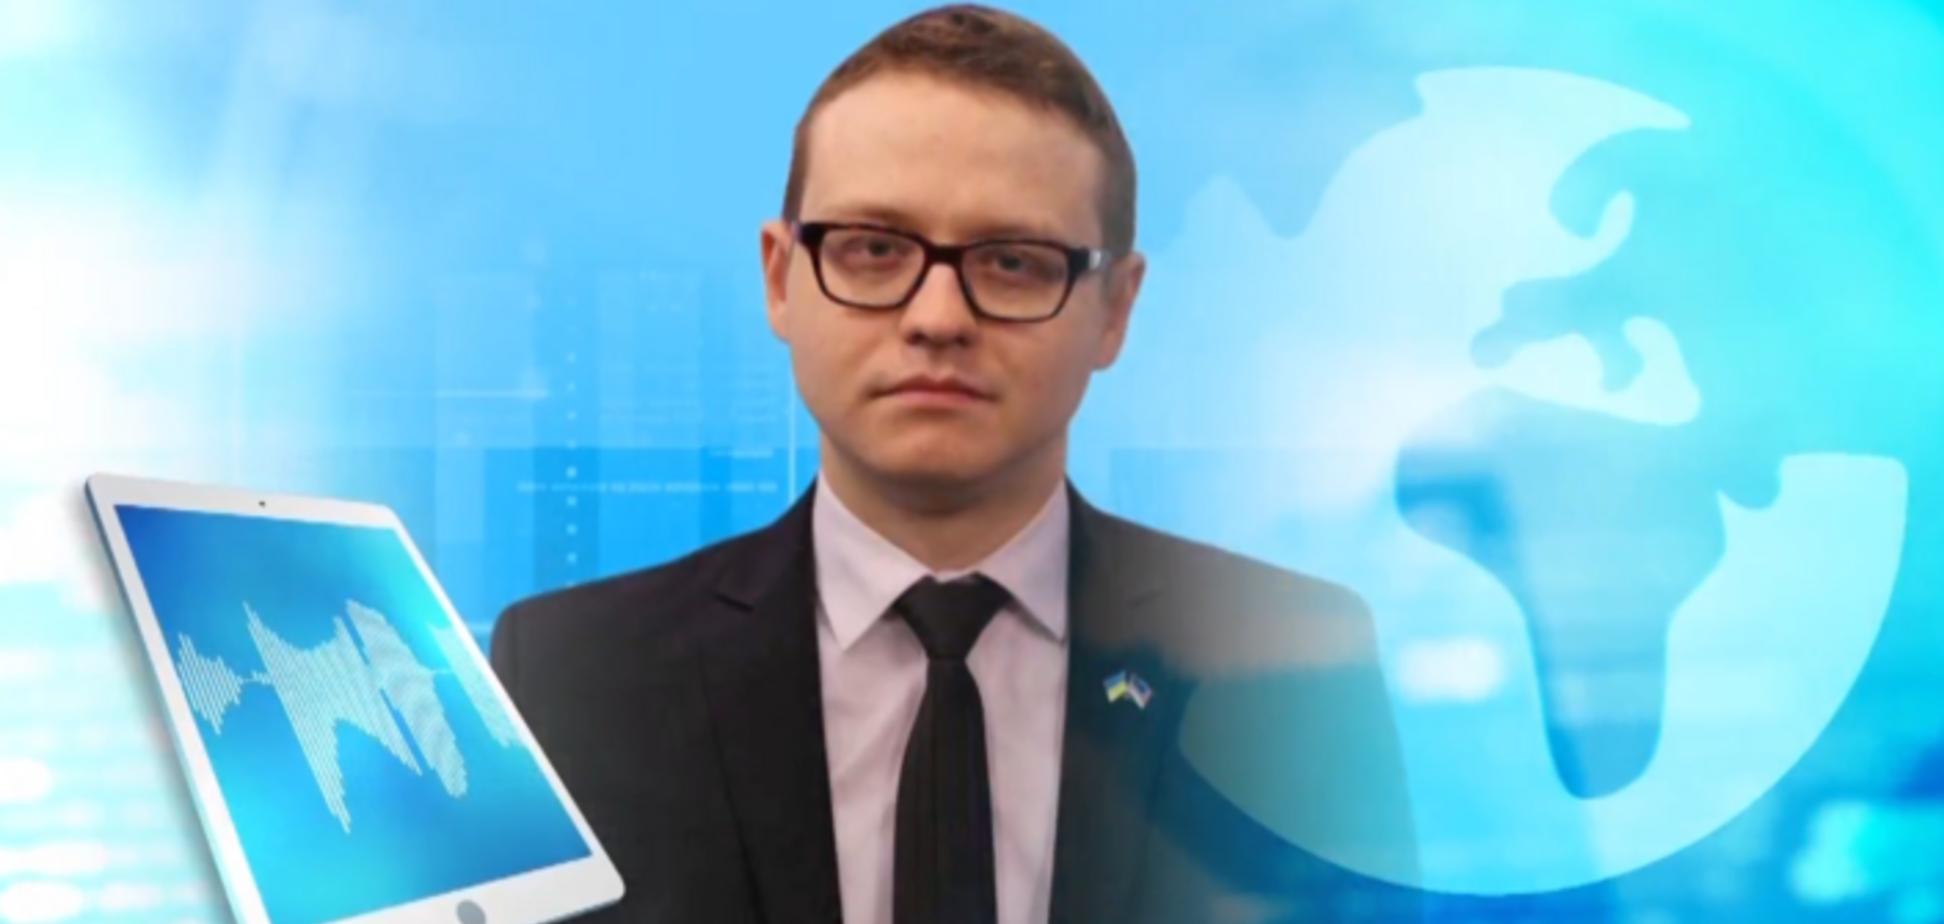 Тайный визит советника Трампа в Москву: эксперт объяснил причины скрытности